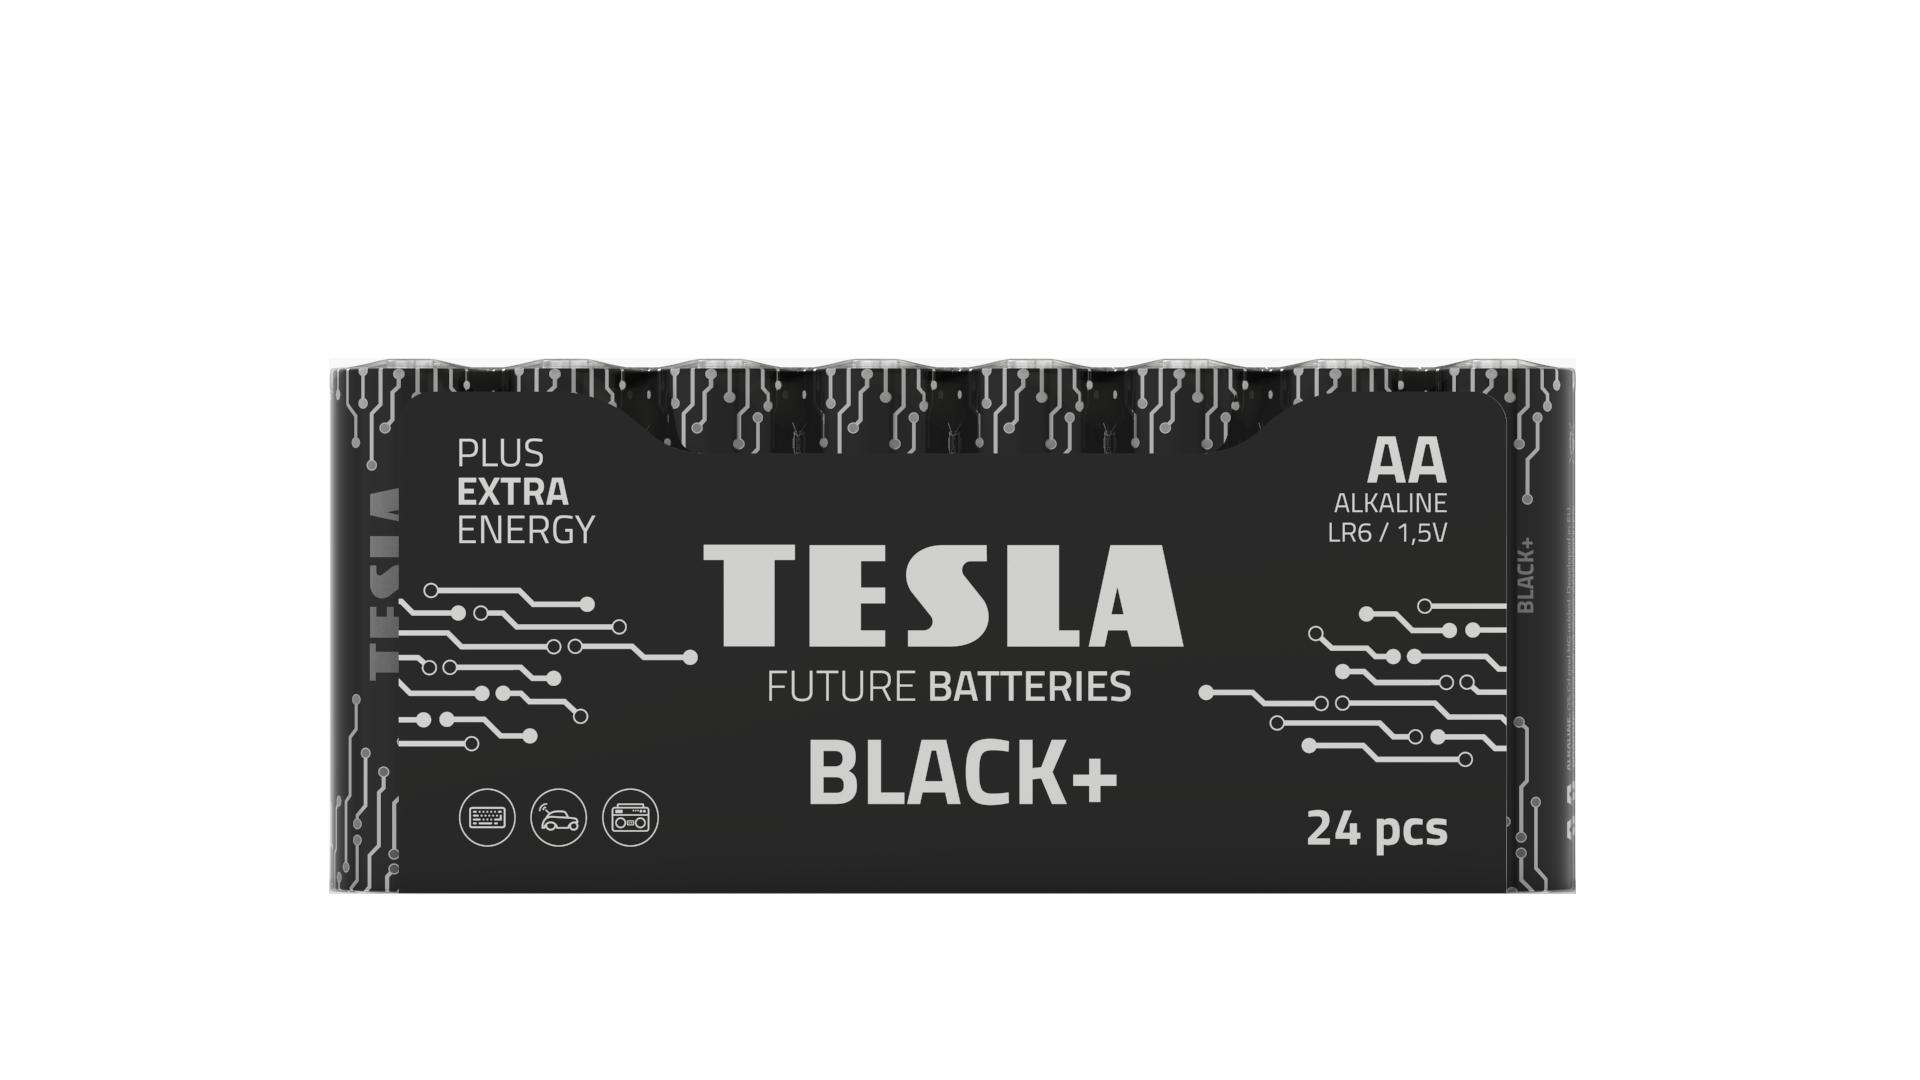 Tesla serie Black shrink AA 24 pruhledne 1